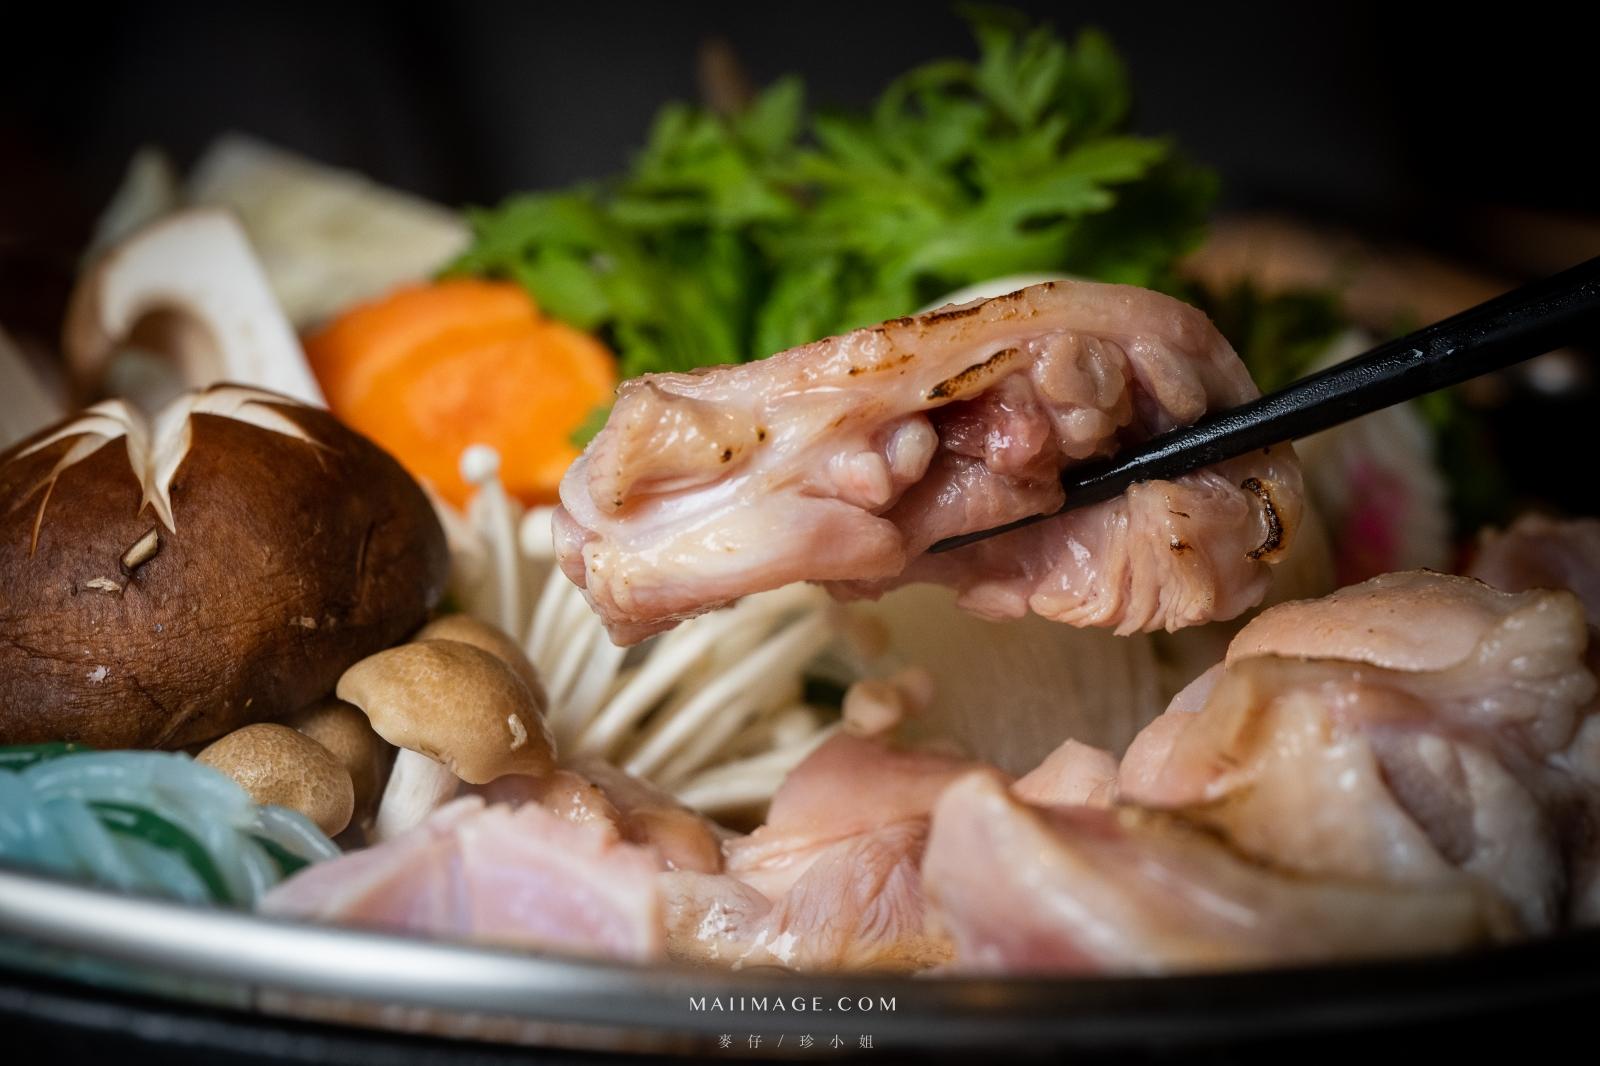 國宴雞入鍋~冬天必點桂丁壽喜鍋,全程頂級桌邊服務、老客人才知道的經典涮涮鍋|欣葉呷哺呷哺雙城店、台北鍋物推薦